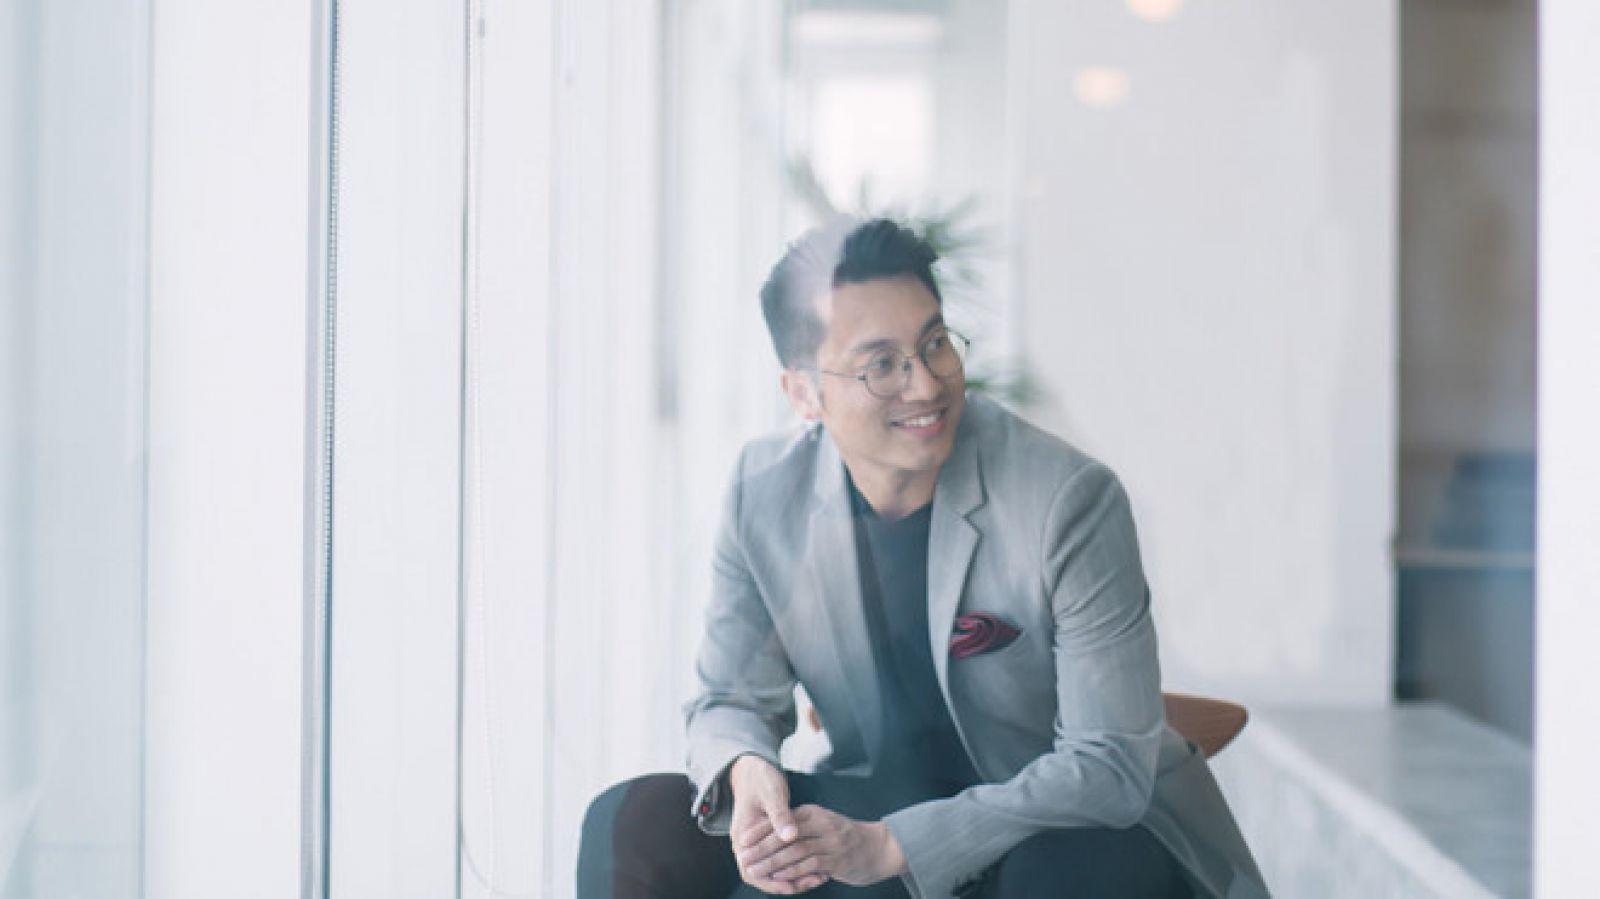 Anh Nguyễn Khánh Trình - Giám đốc Phát triển Kinh doanh kênh AIA exchange toàn quốc.